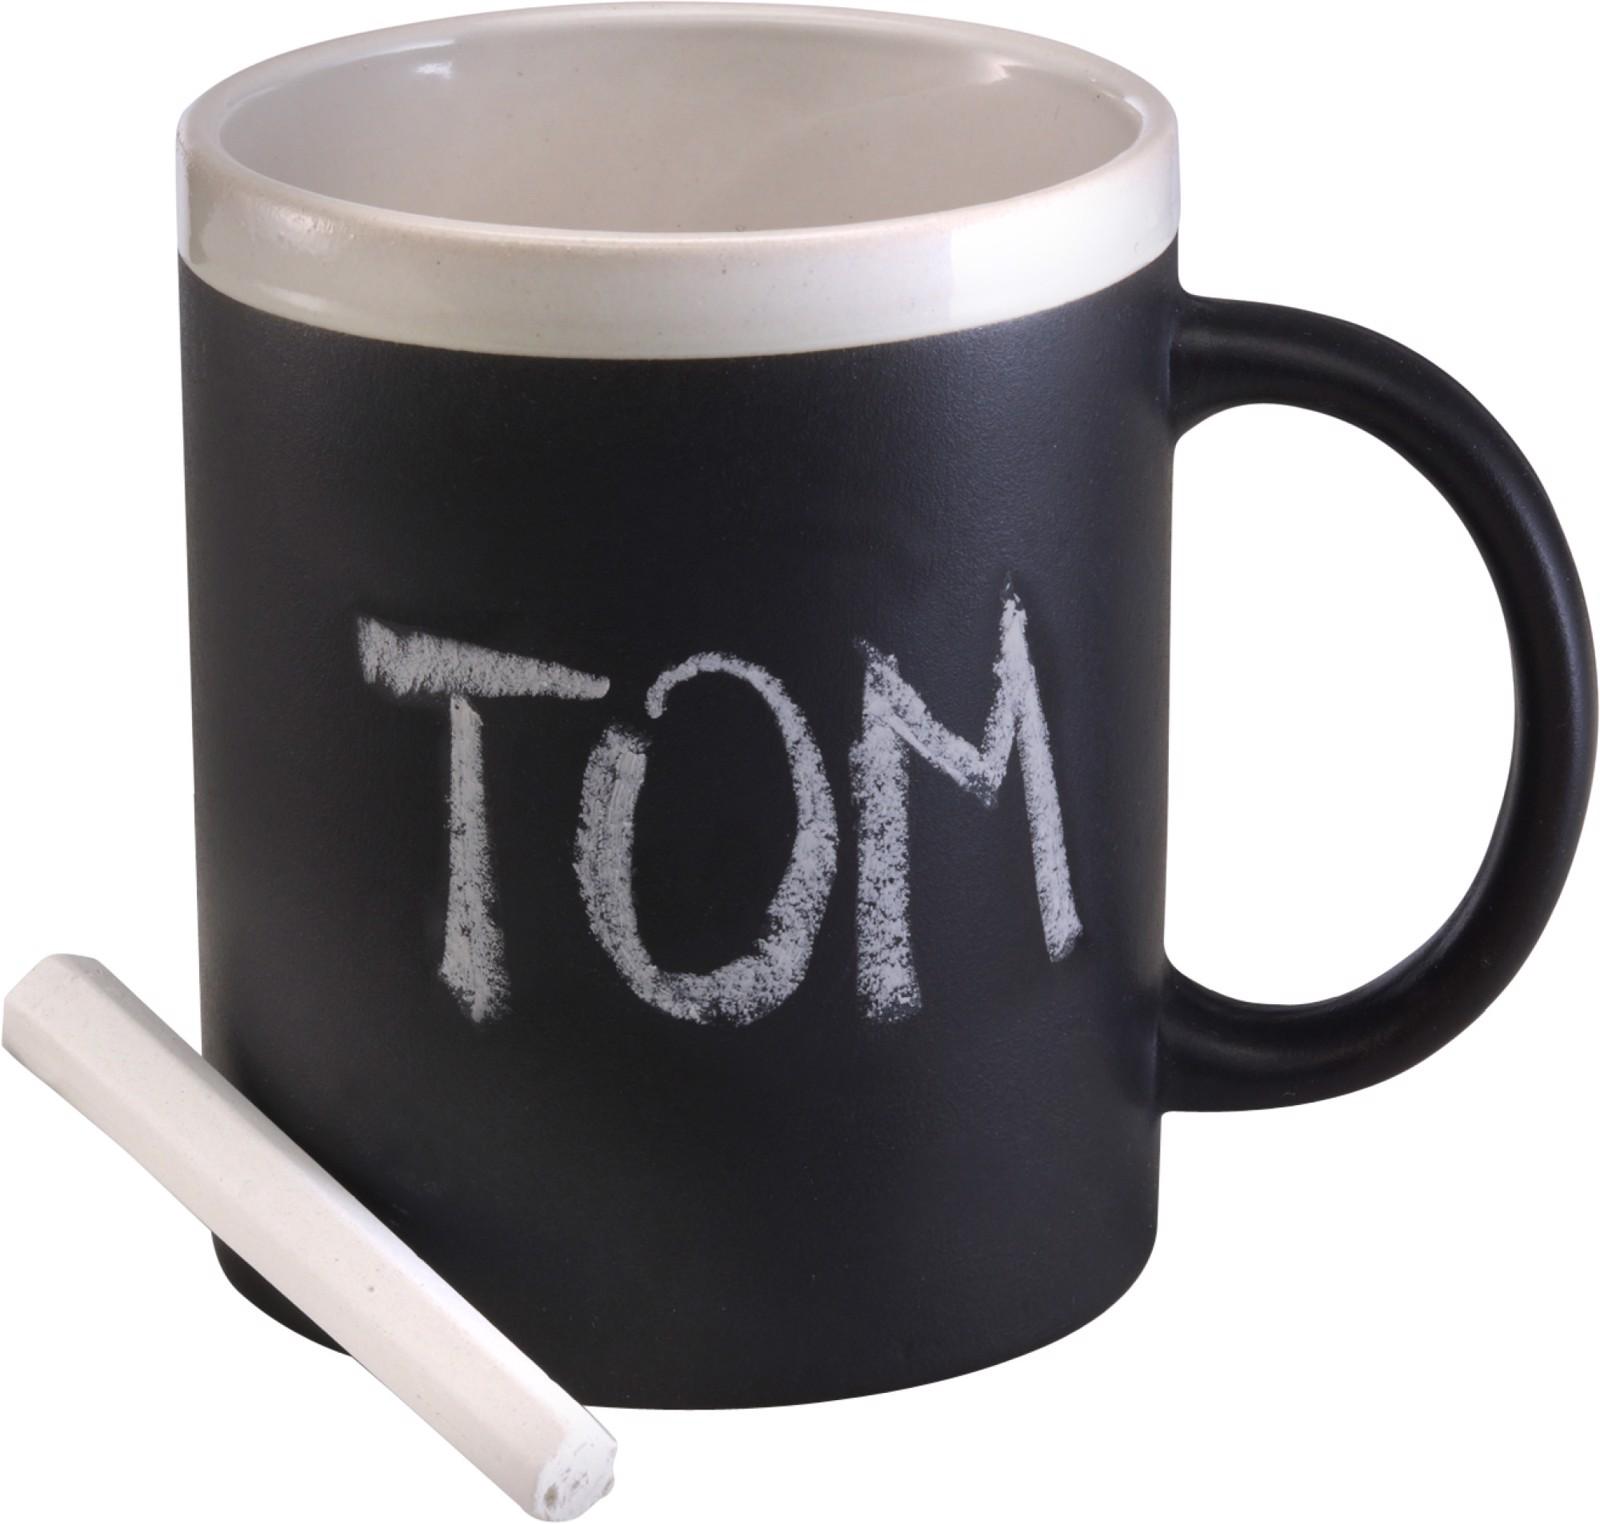 Ceramic mug - Black / White